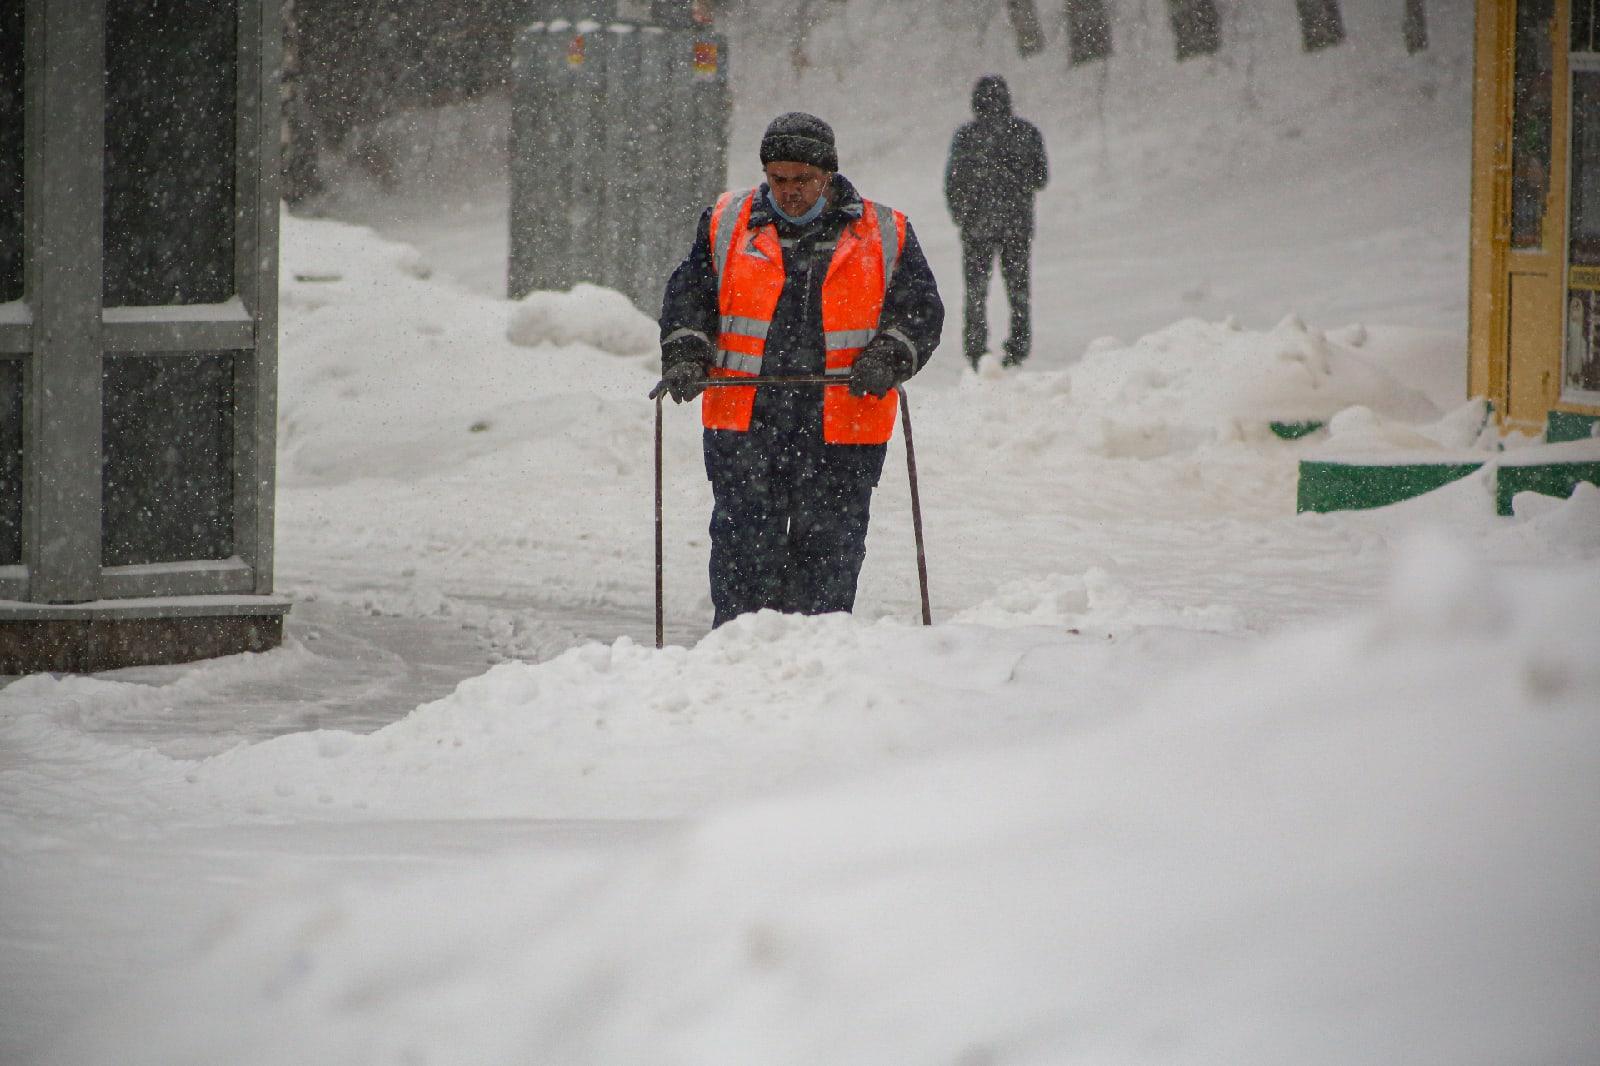 фото Выключите снег: метели с сильным ветром обрушились на Новосибирск 8 февраля 2